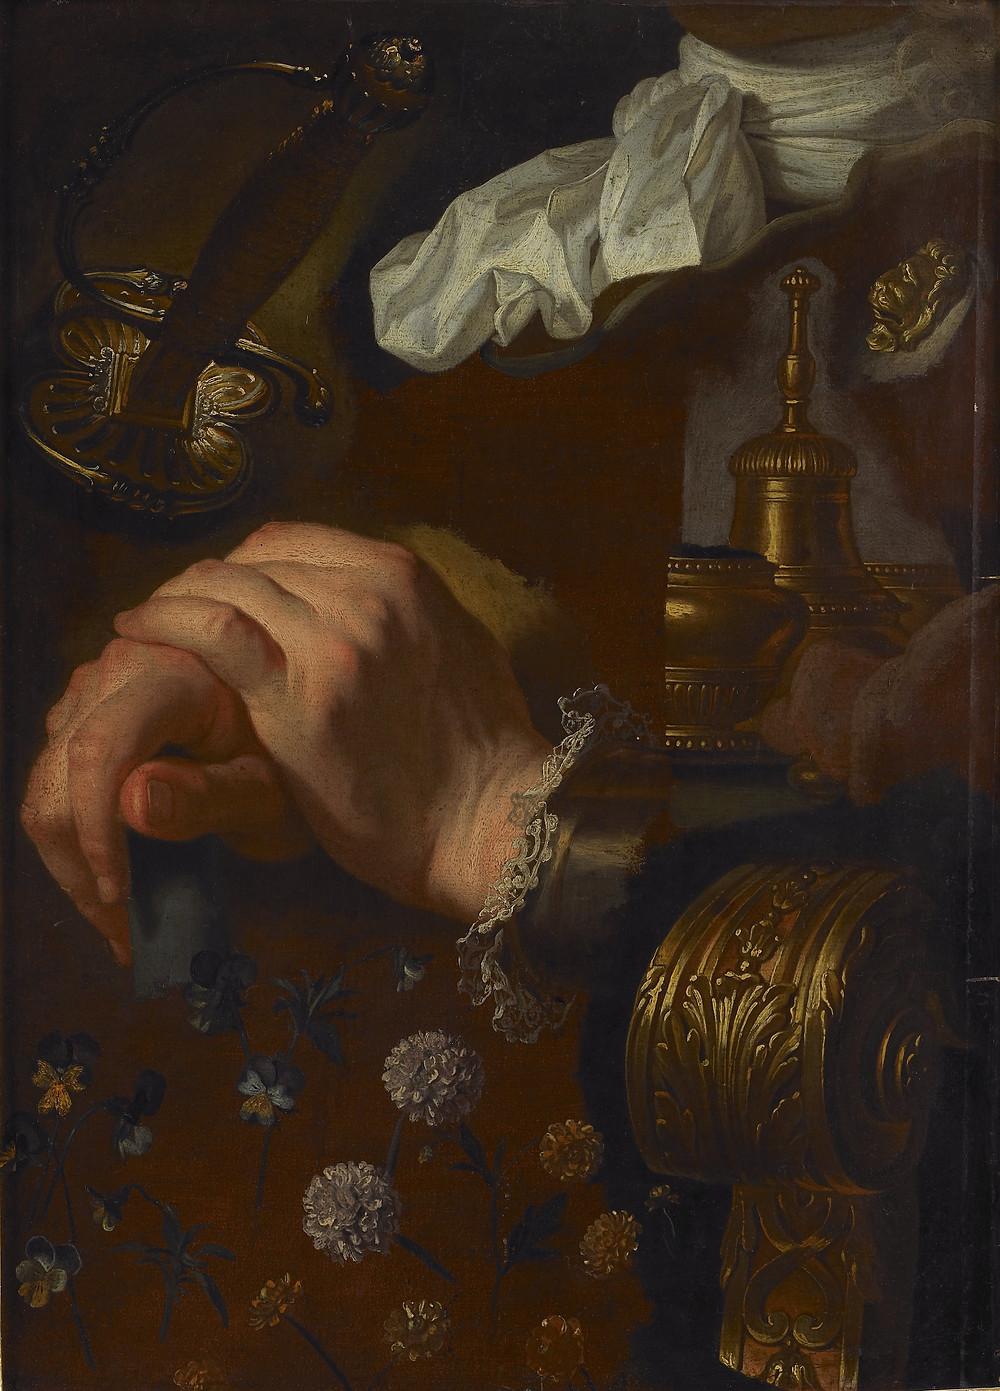 Hyacinthe Rigaud, Etude de mains, d'une cravate, d'un motif de cuirasse, d'objets, d'accotoir et de fleurs, vers 1715-1725, Rouen, musée des Beaux-Arts, inv. 975-4-5521